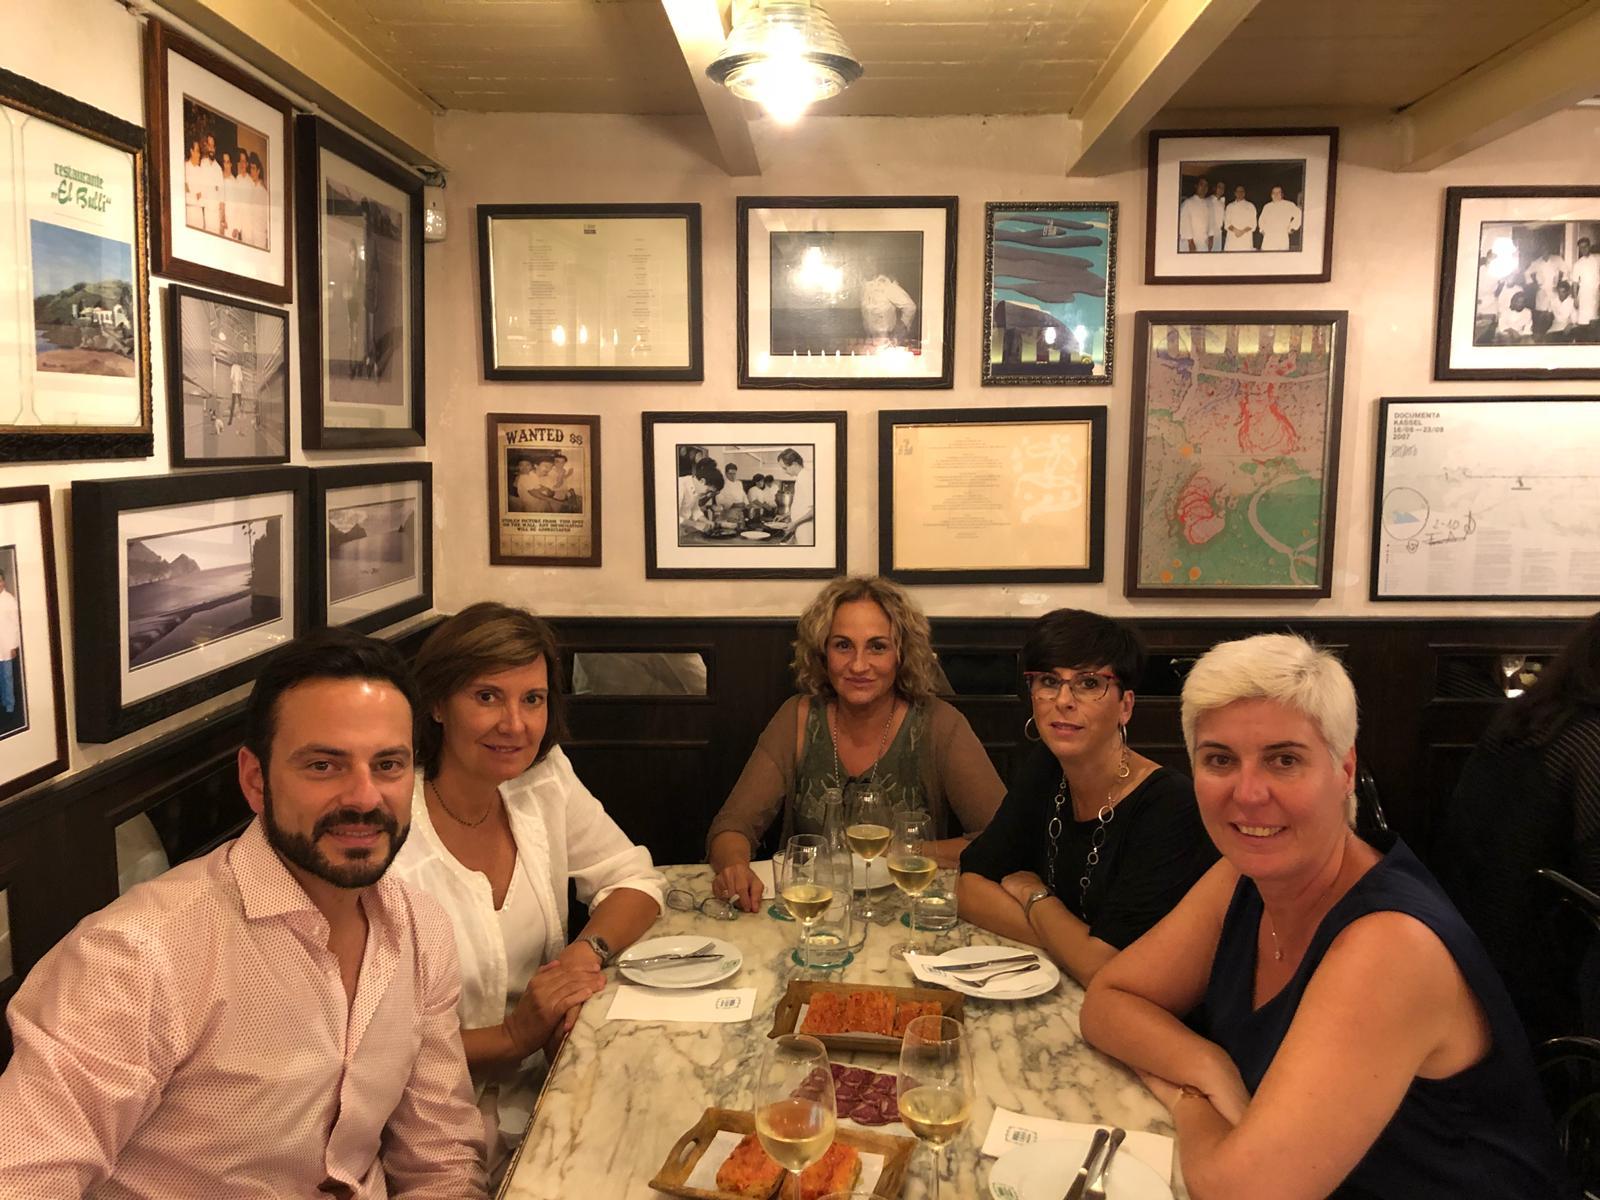 Cena celebrando los 7 años de mi consulta - Barcelona 2018